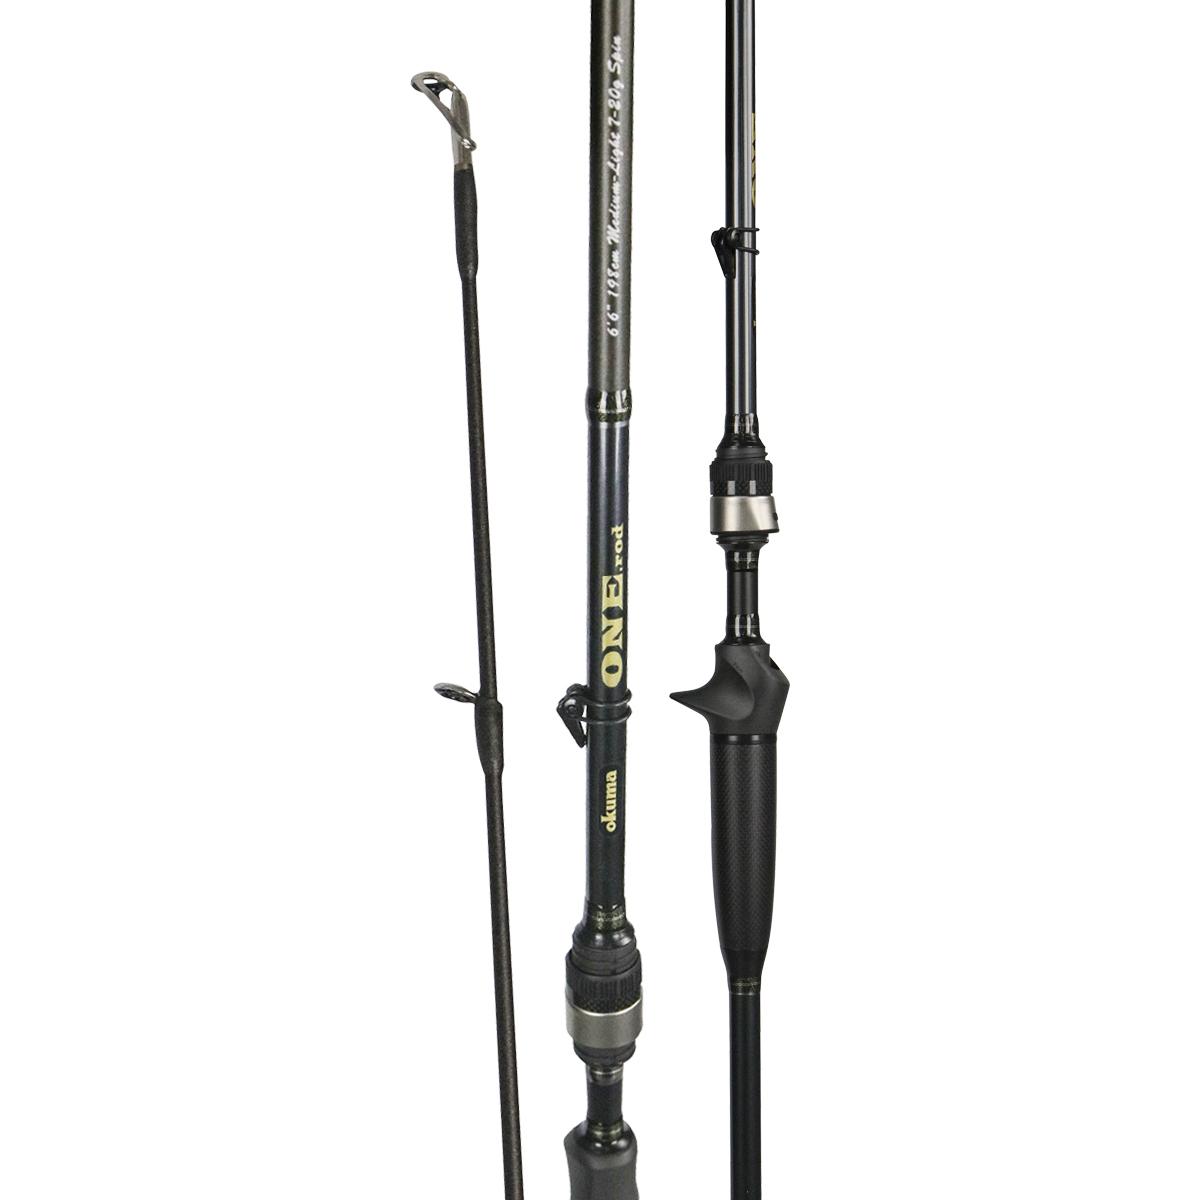 One rod okuma fishing rods and reels okuma fishing for Okuma fishing rods